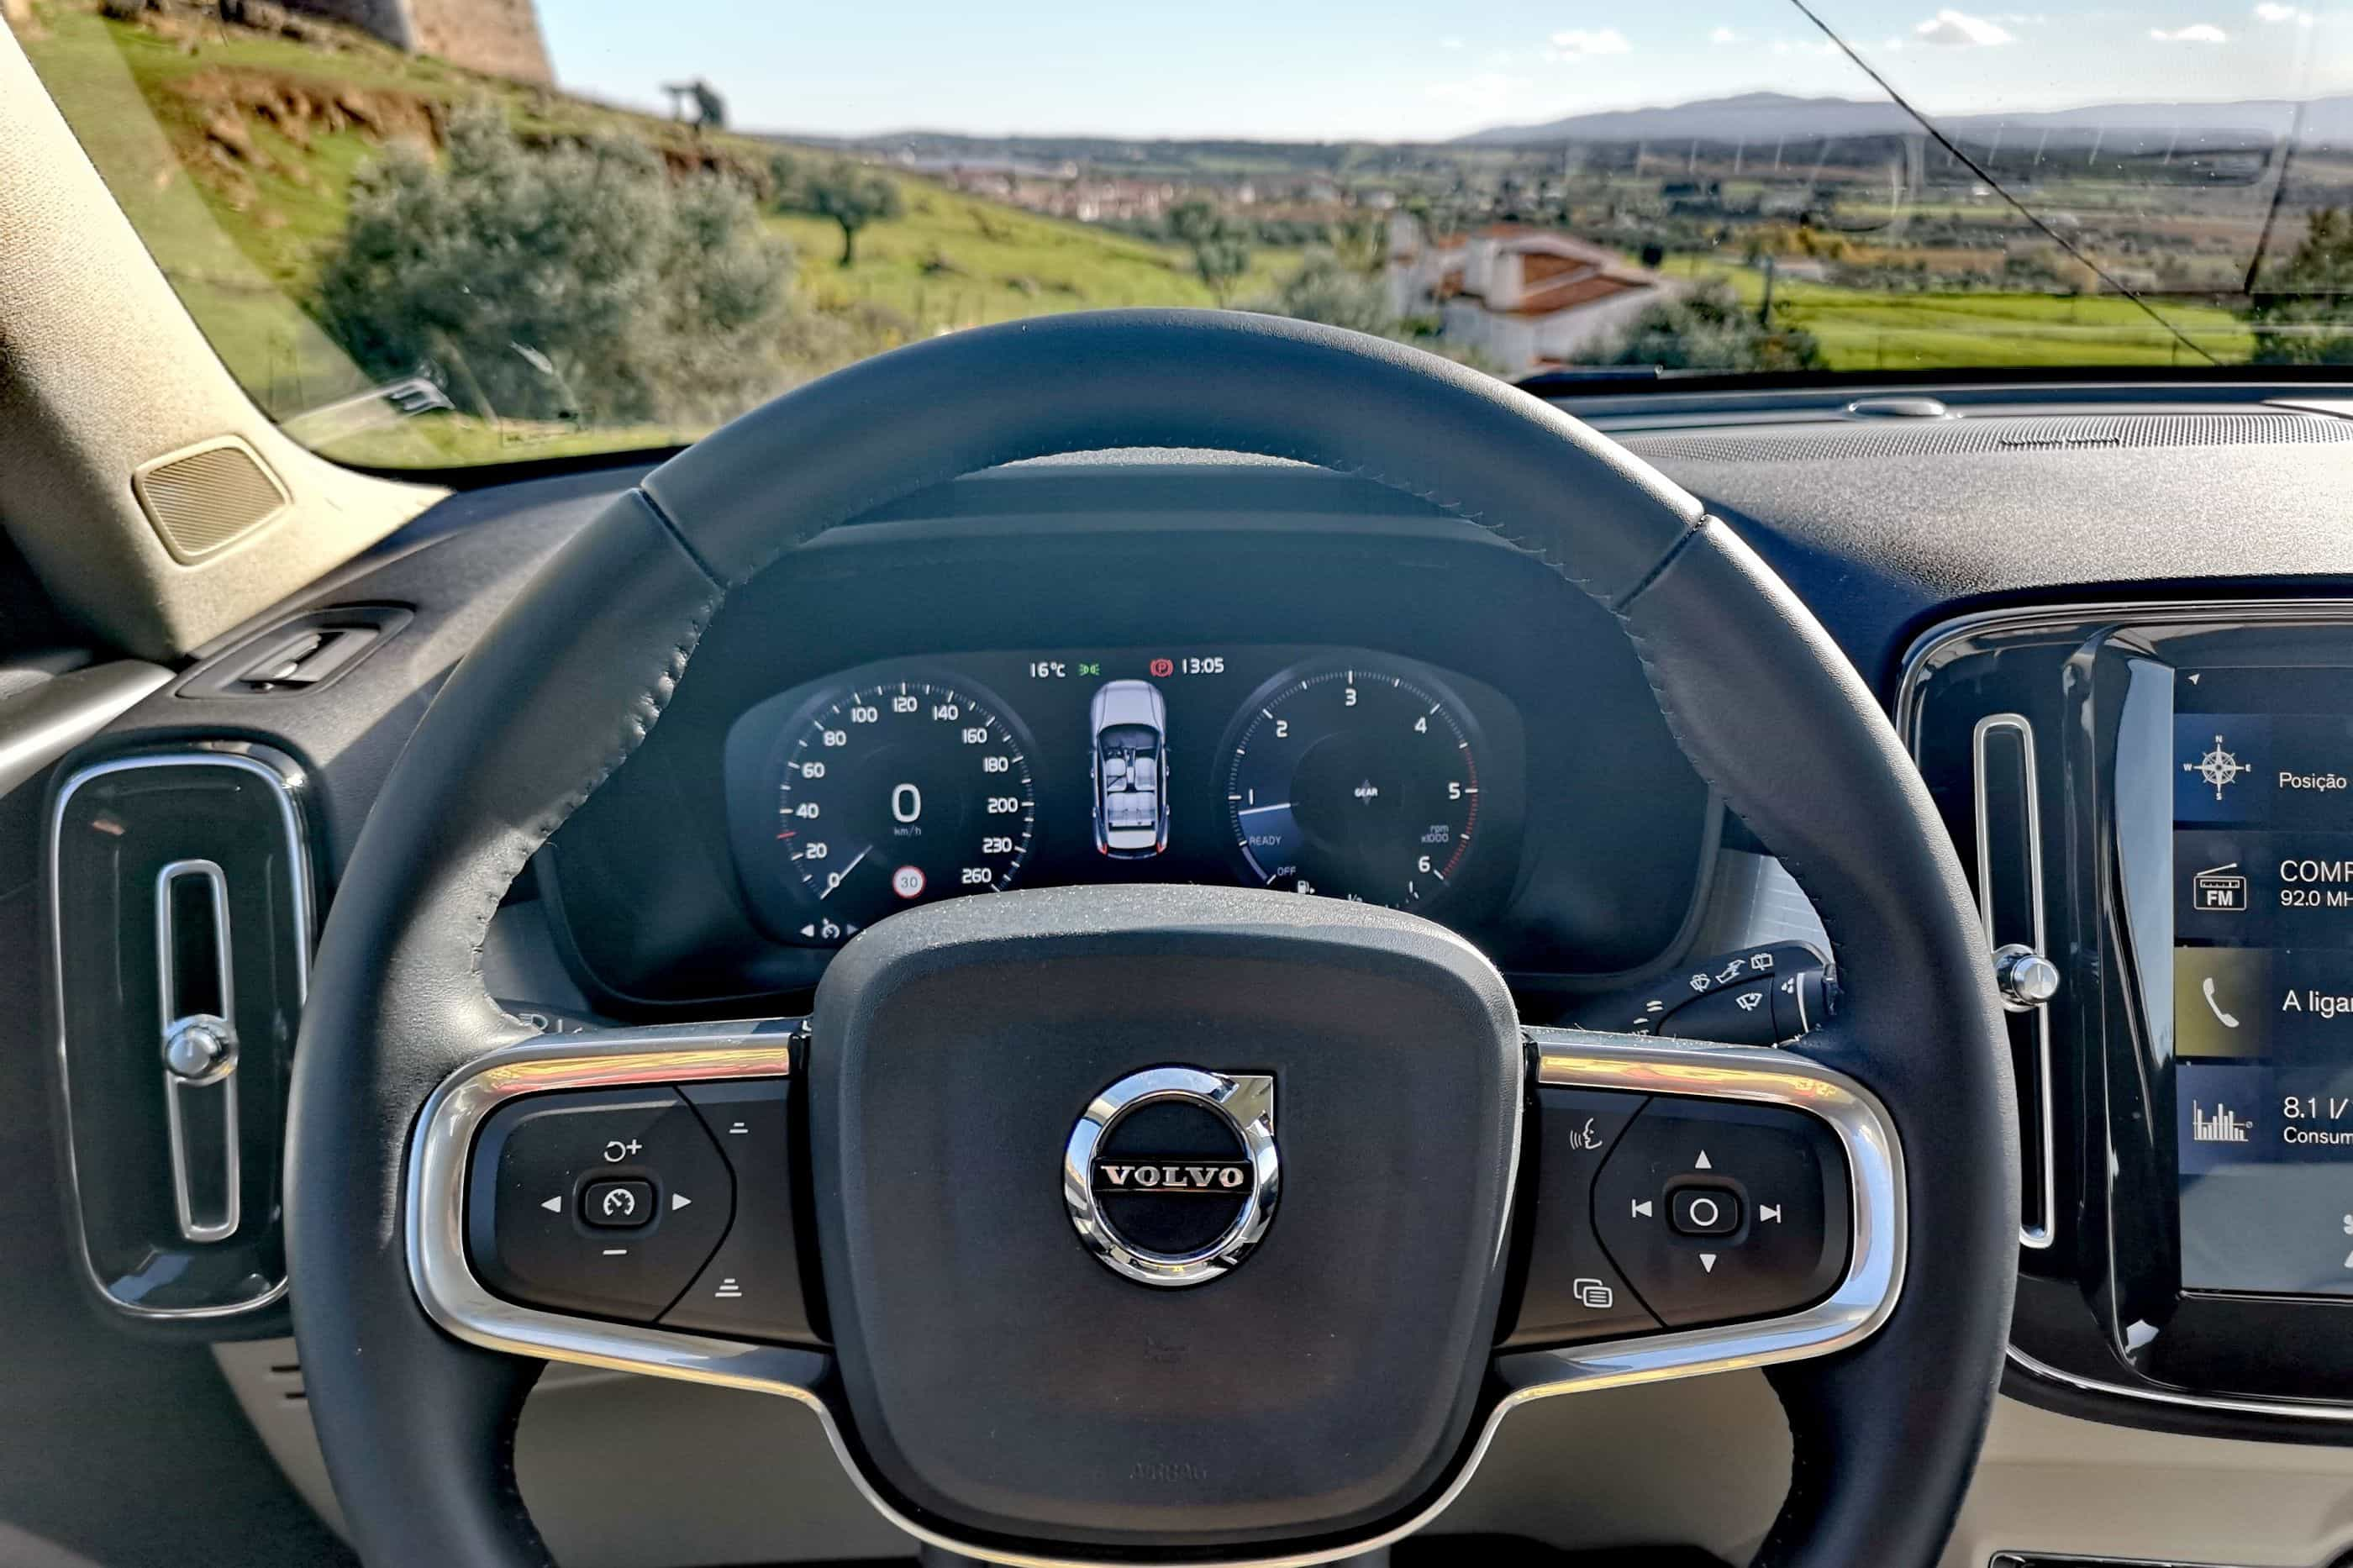 Volvo XC40: Agora percebemos o porquê de tantos prémios